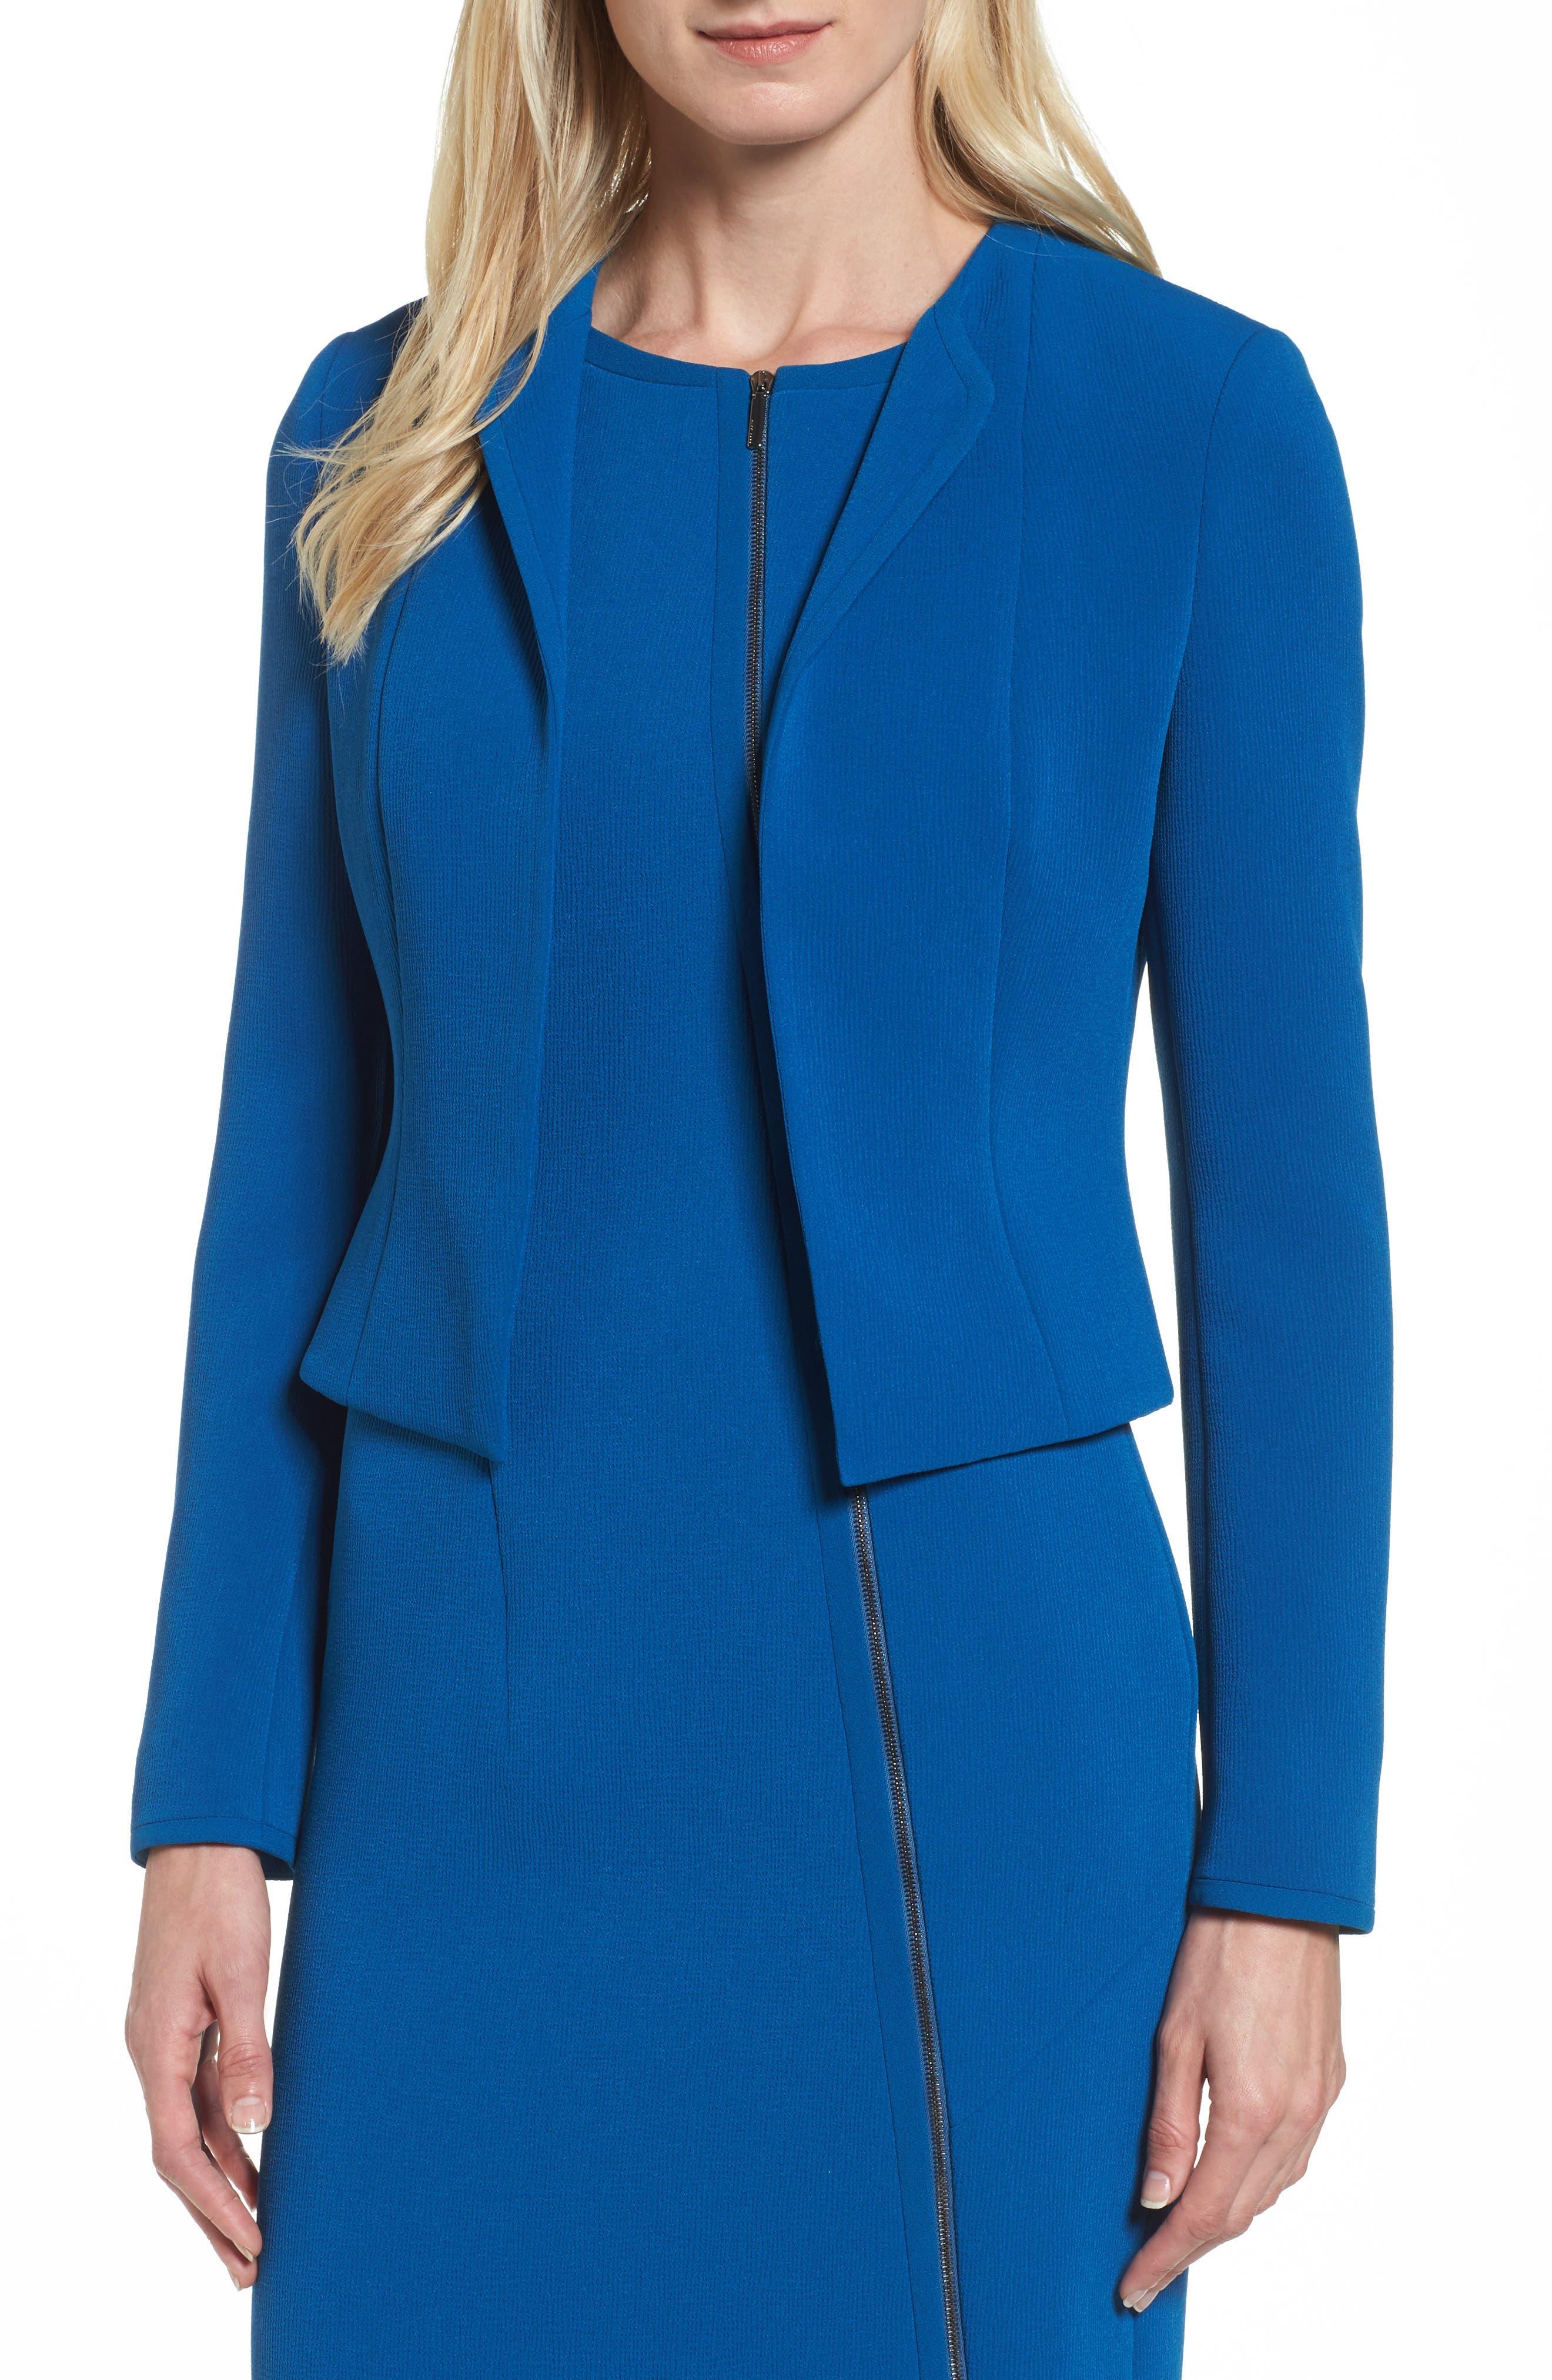 Jerusa Crop Suit Jacket,                             Main thumbnail 1, color,                             Gentian Blue